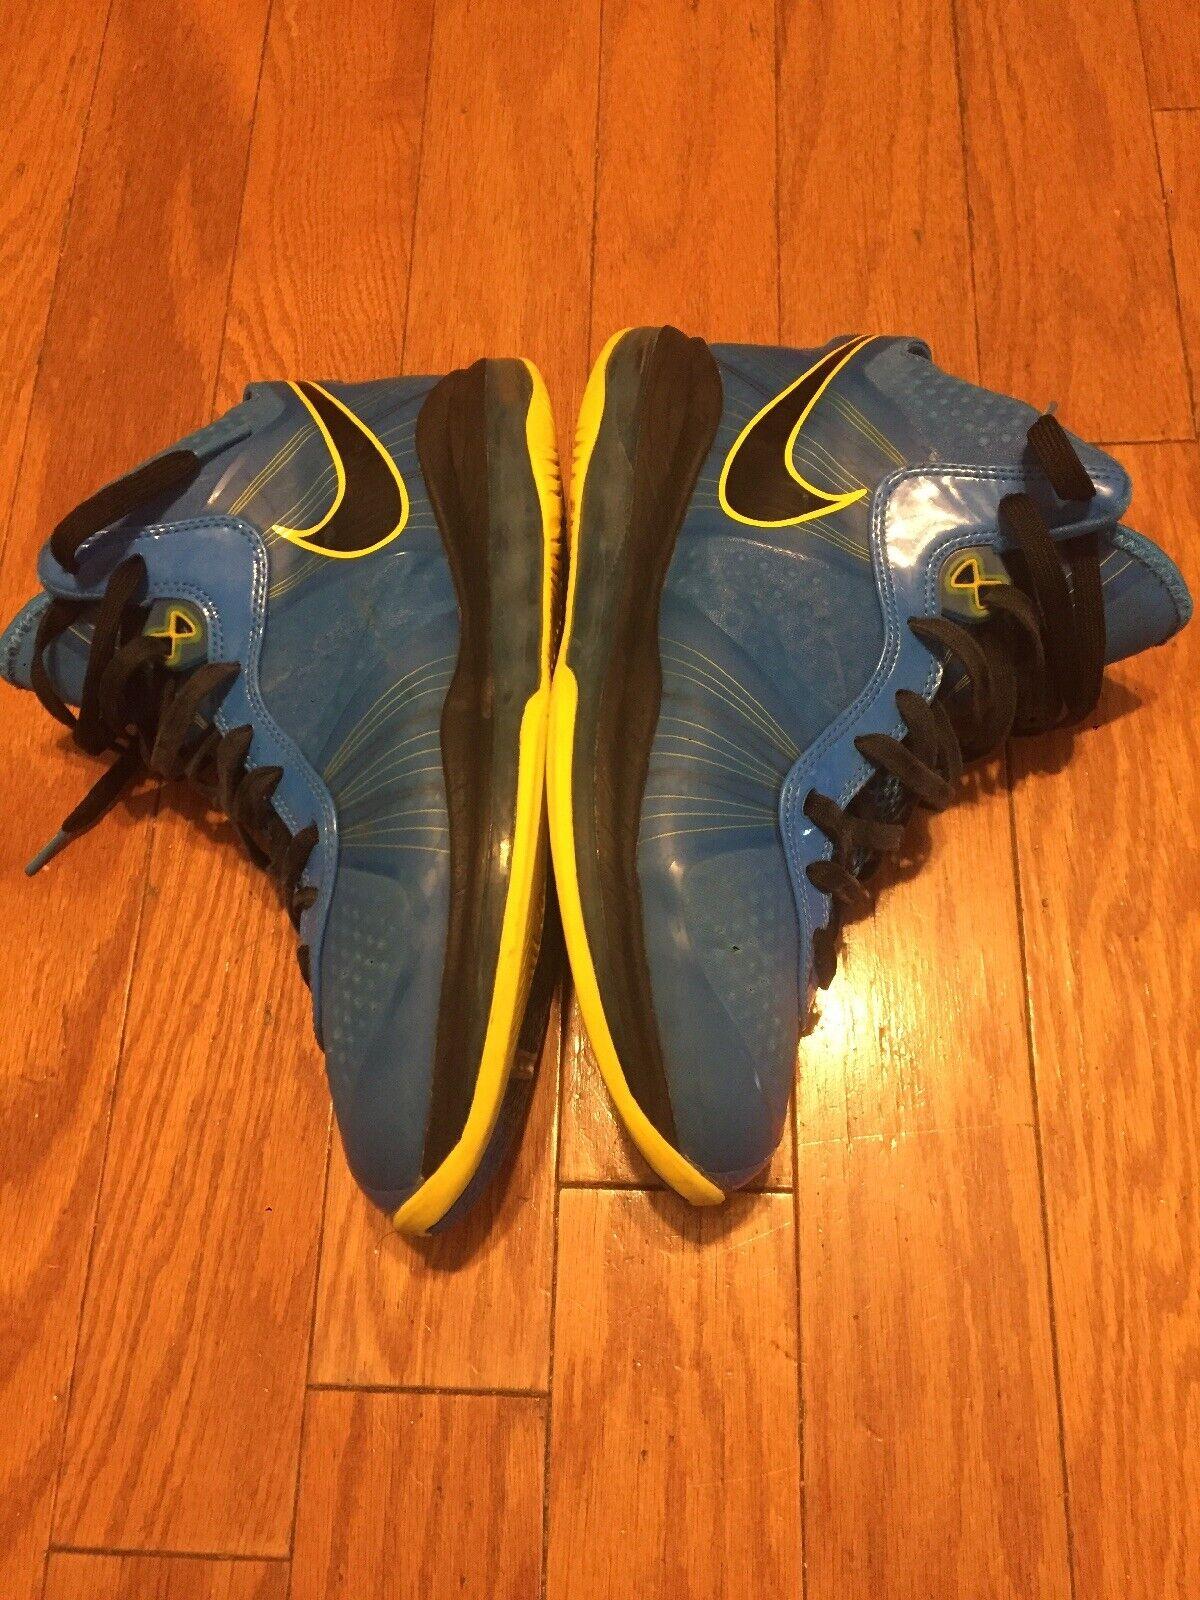 Nike Lebron VIII 8 V 2 Entourage Photo bluee Black Tour Yellow Sz 9.5 South Beach